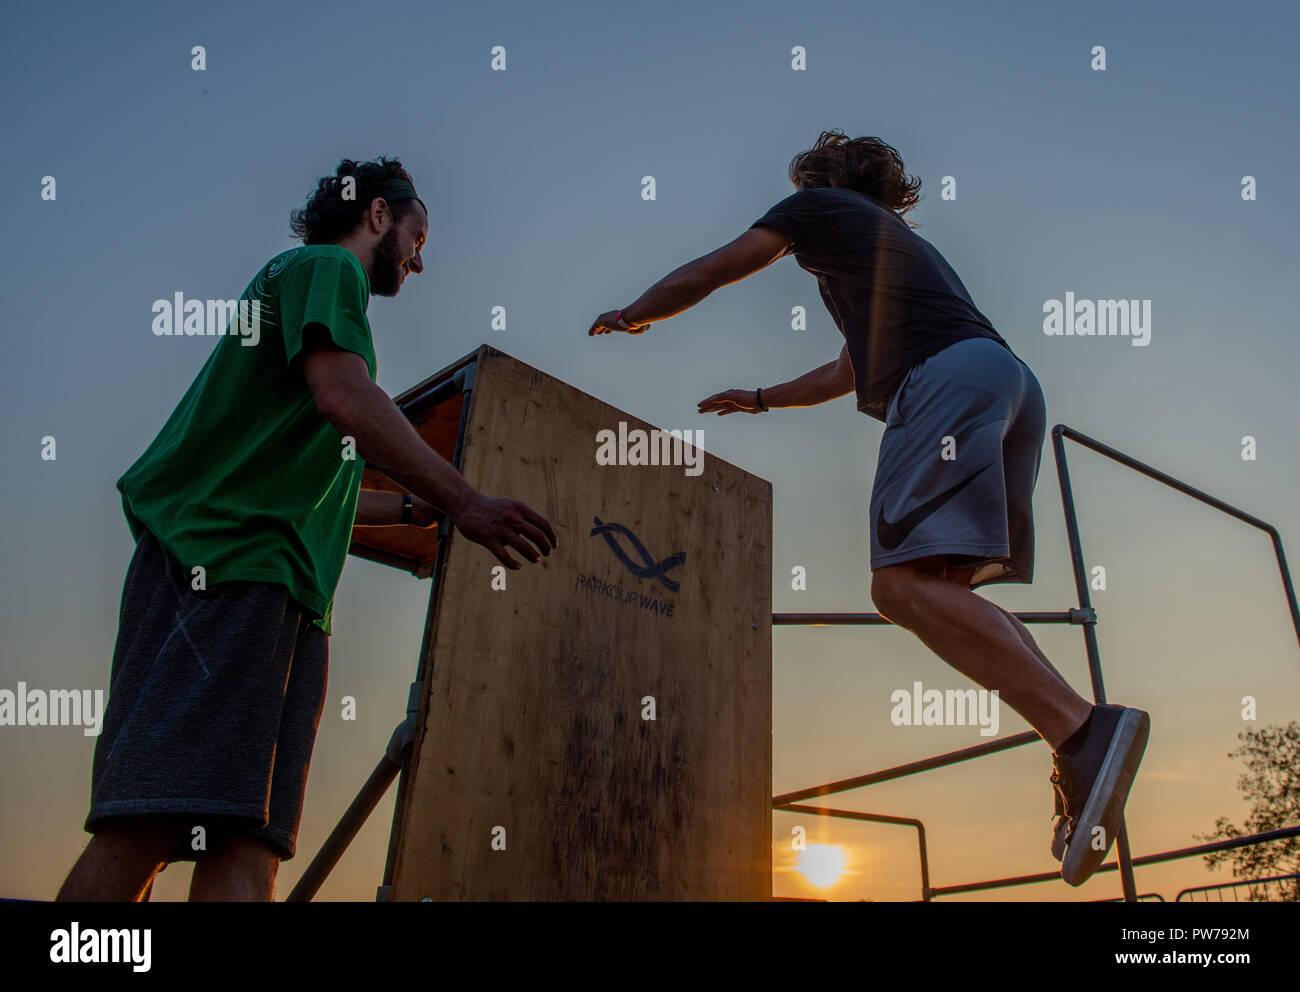 Bergame Italie 12 Octobre 2018:Parkour 'activité physique à courir, grimper et sauter pour surmonter un obstacle Photo Stock